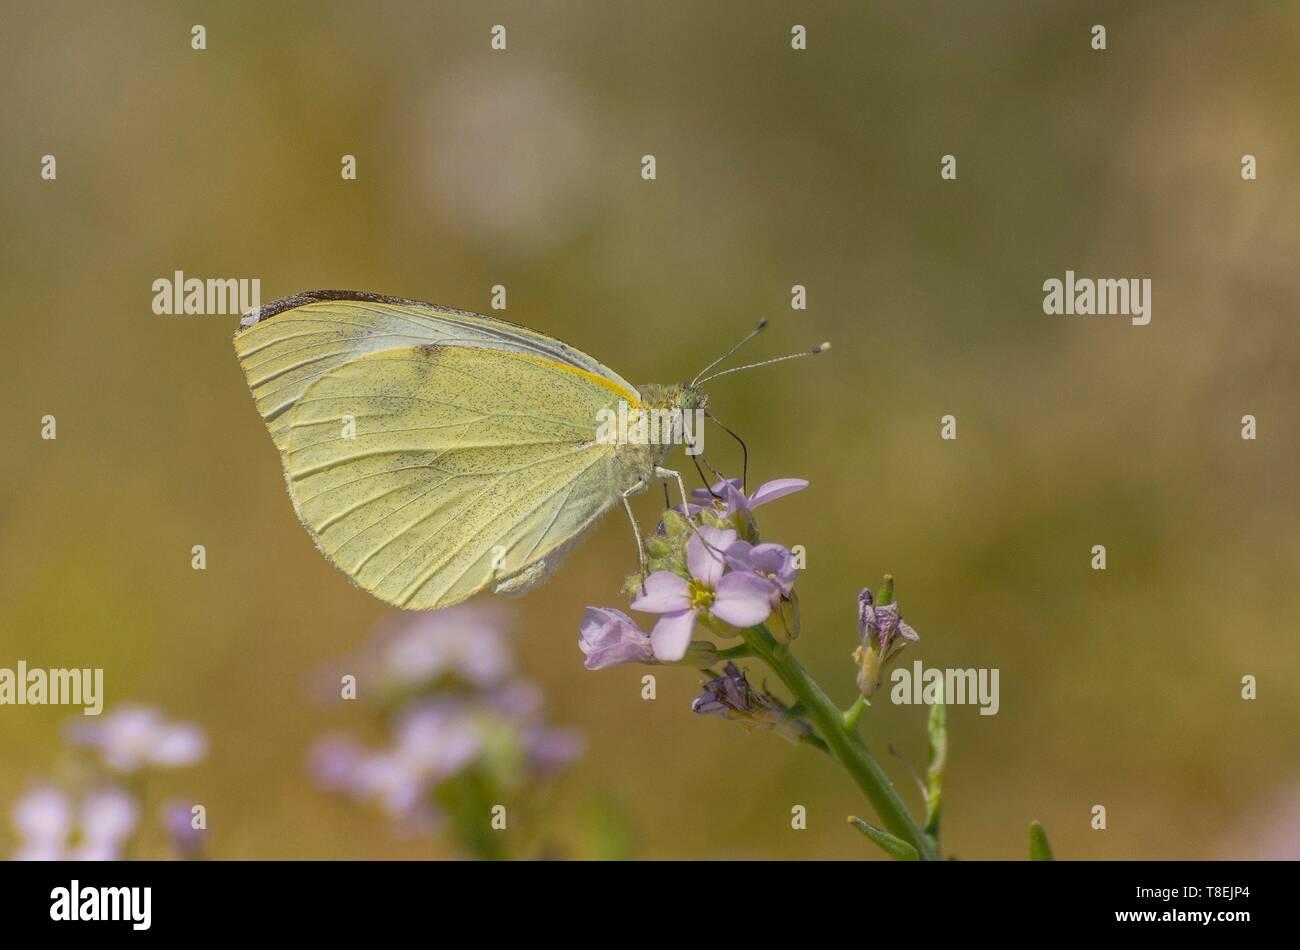 Mariposa Pieris rapae succionar el néctar de la flor Foto de stock